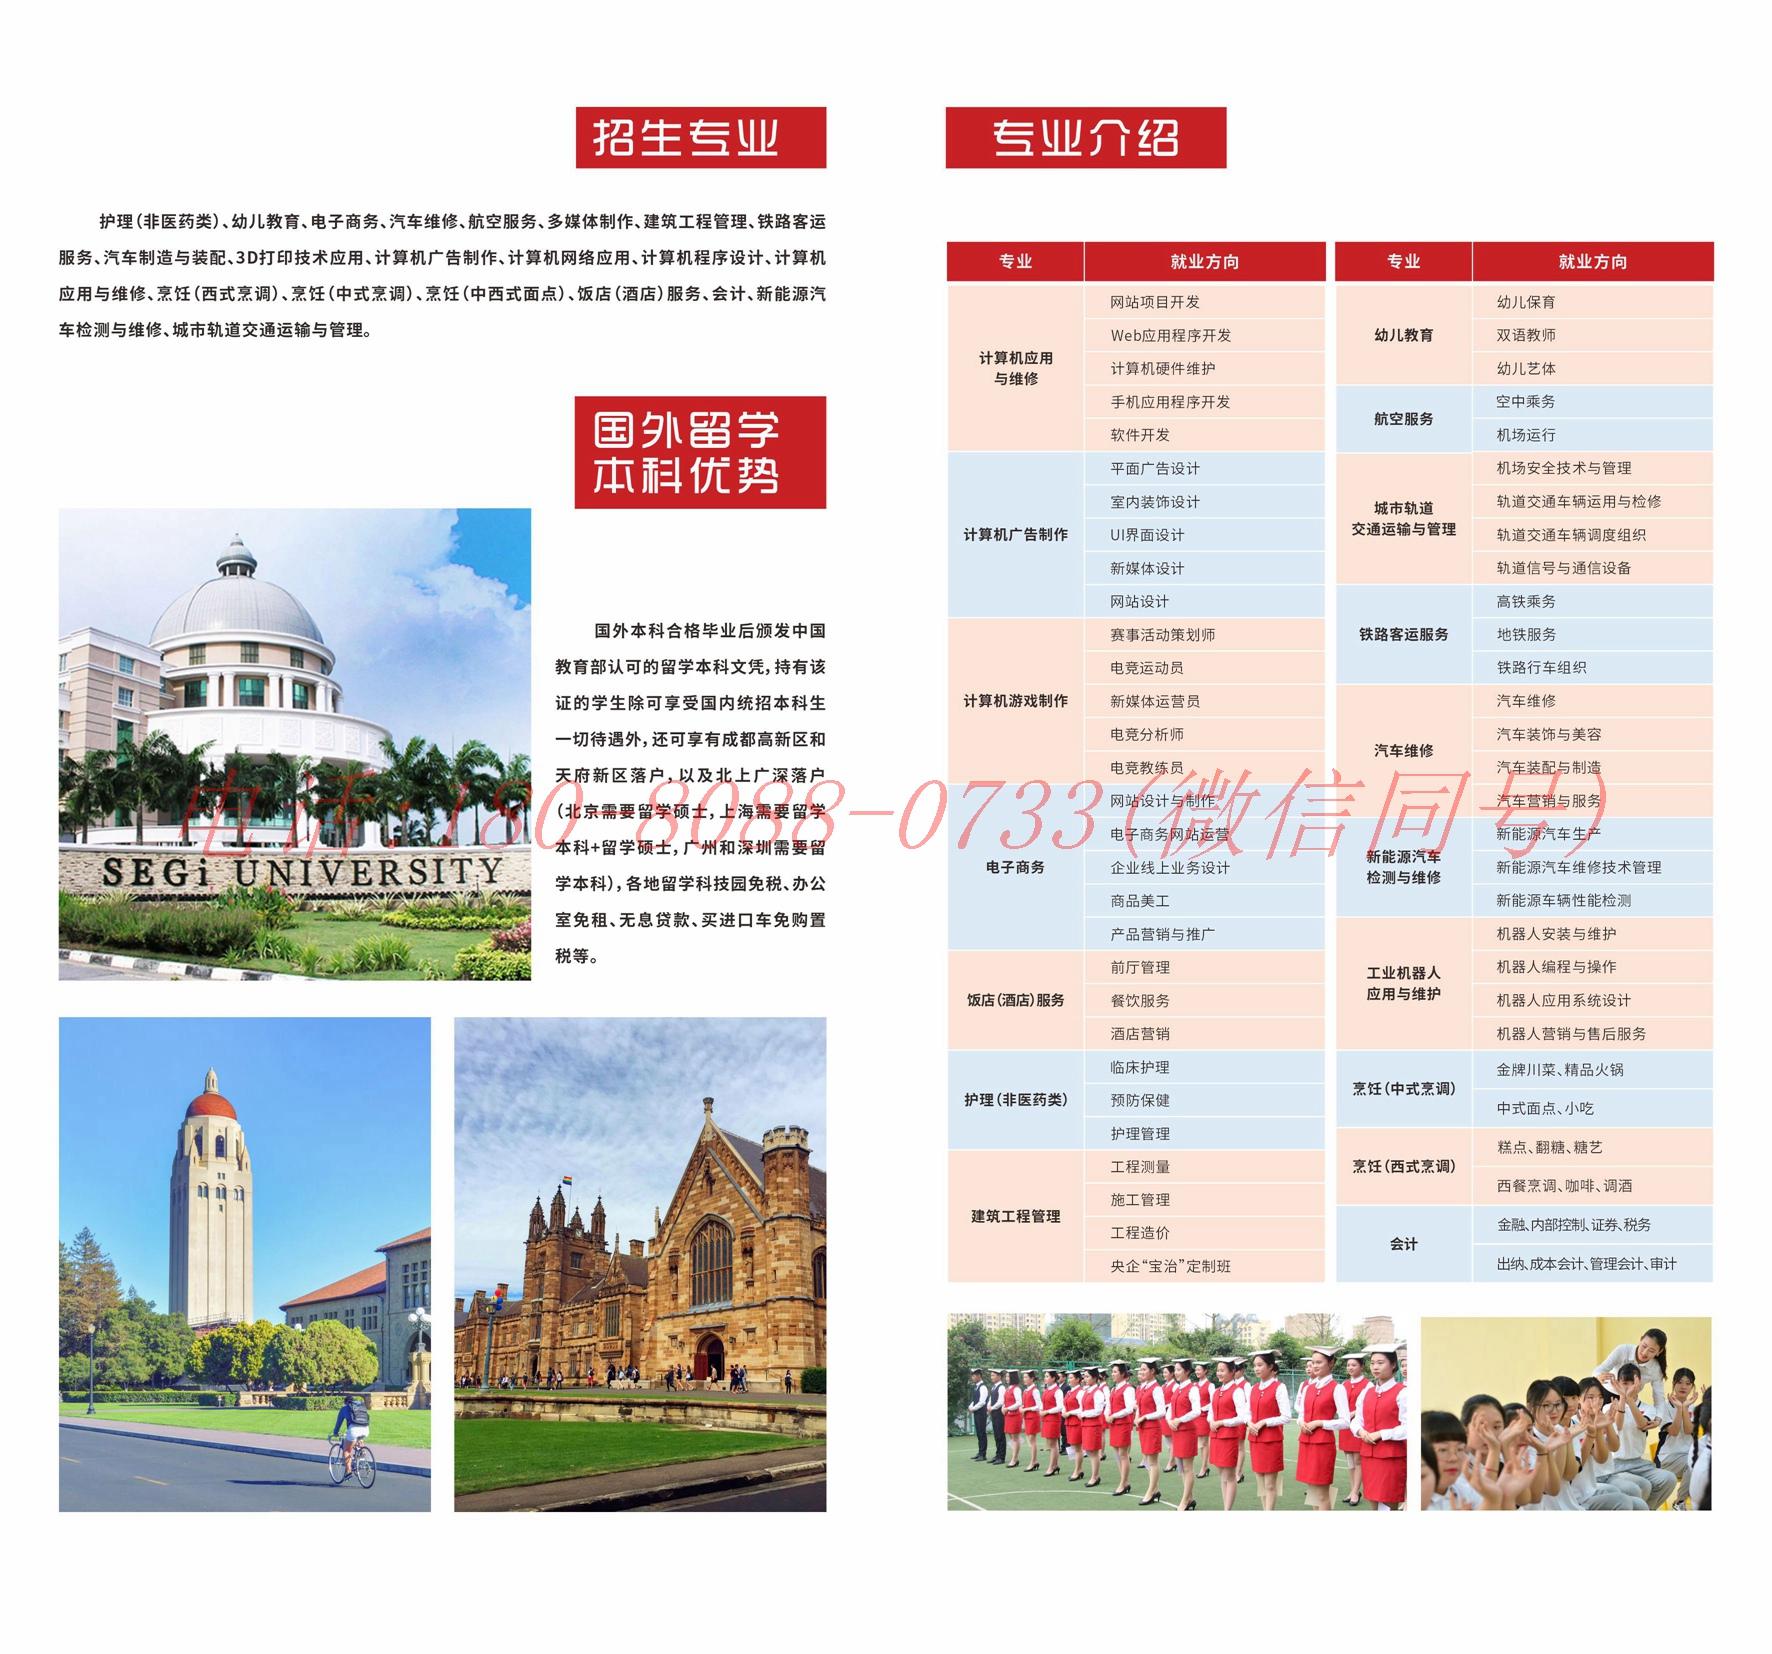 四川五月花技师学院招生专业及专业详解